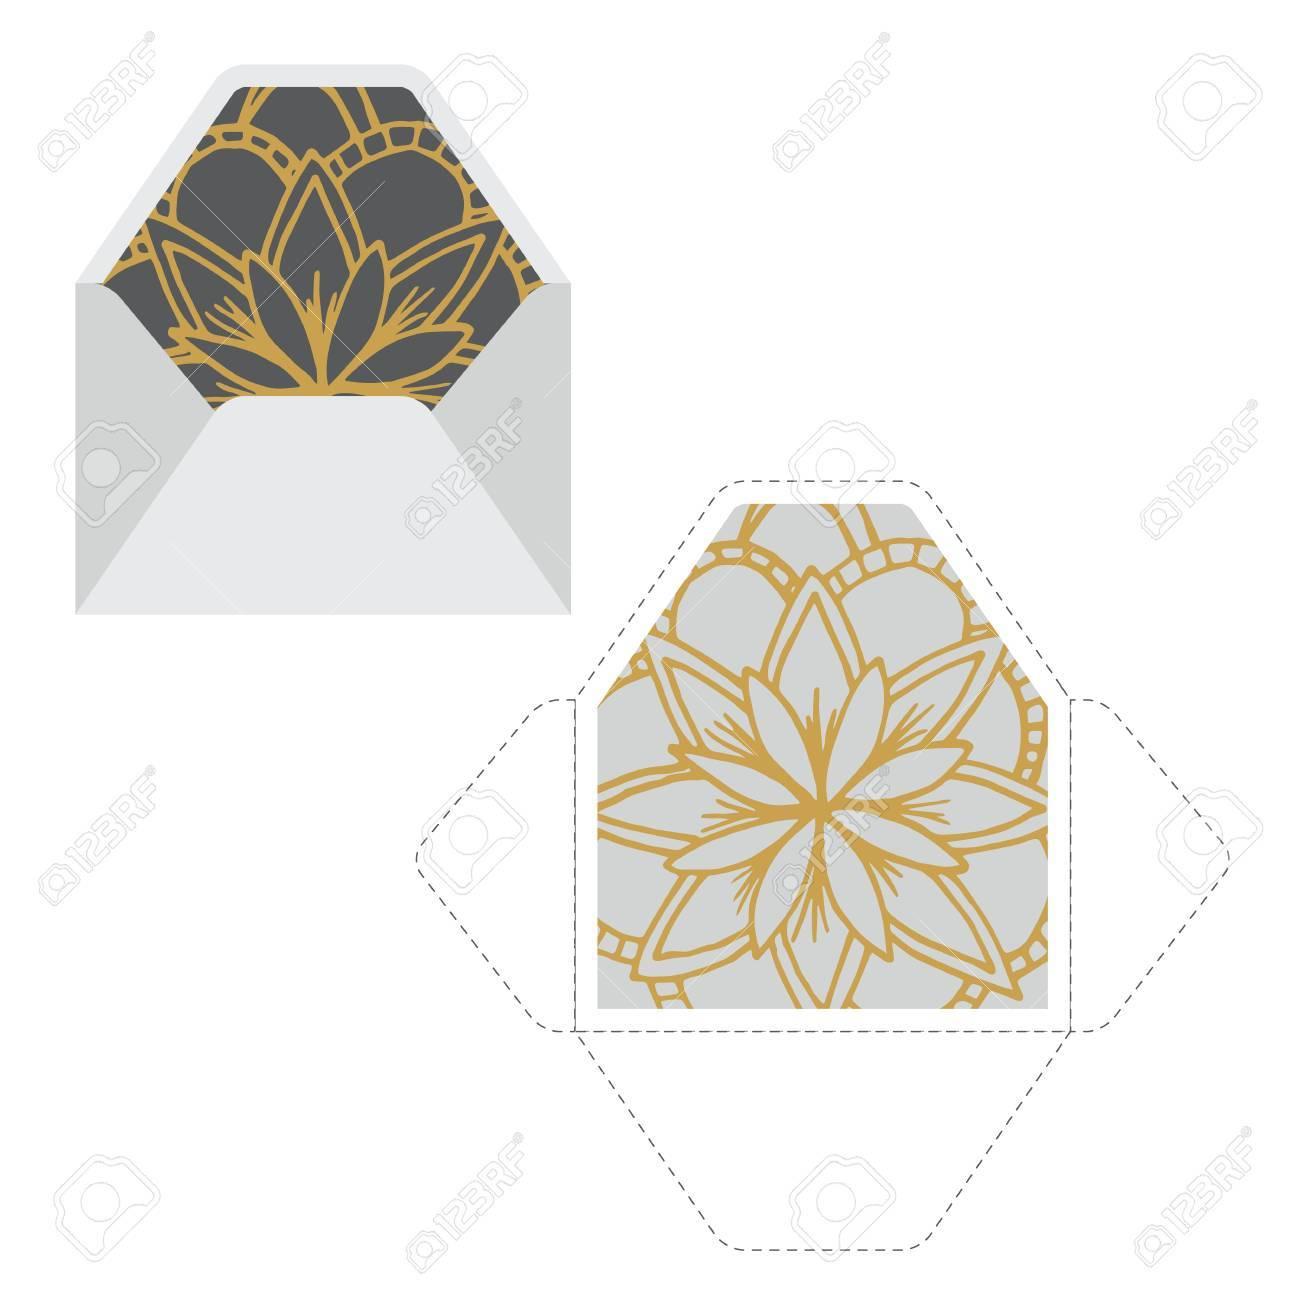 Plantilla De Sobres Con Patrón De Mandala. Perfecto Para Imprimir E ...